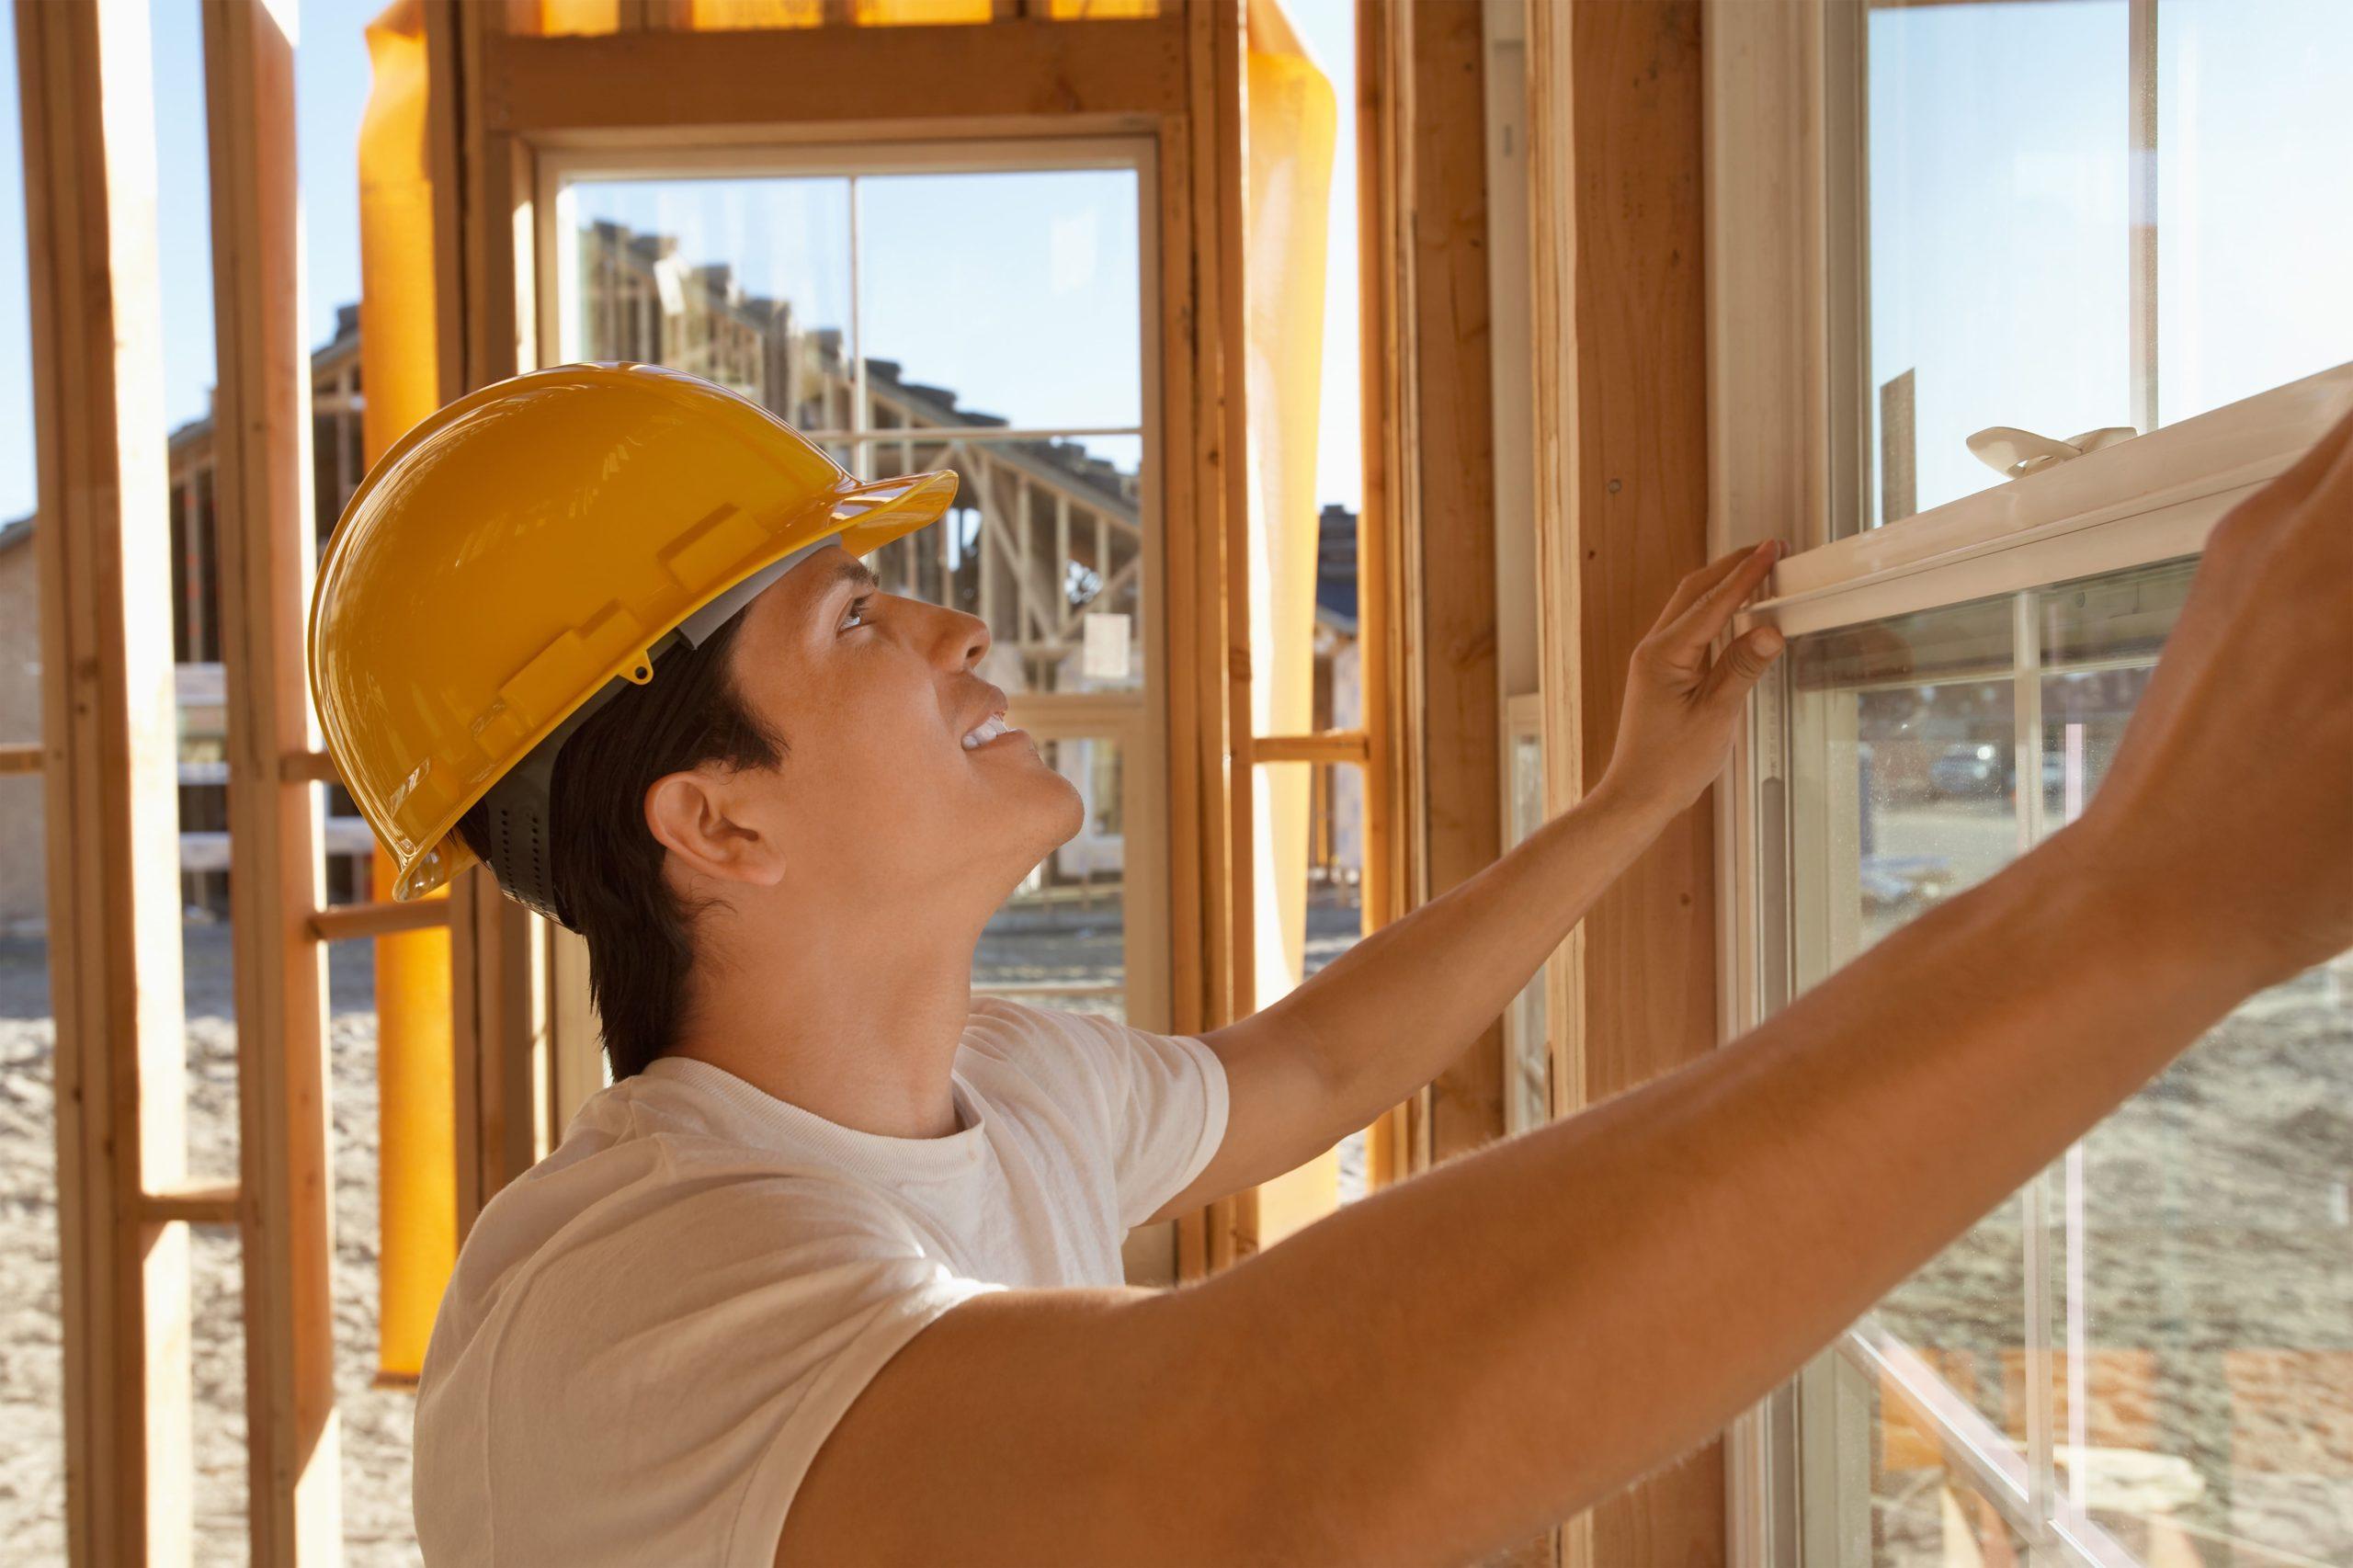 3 פרמטרים חשובים בבחירת חברה לתיקון גגות